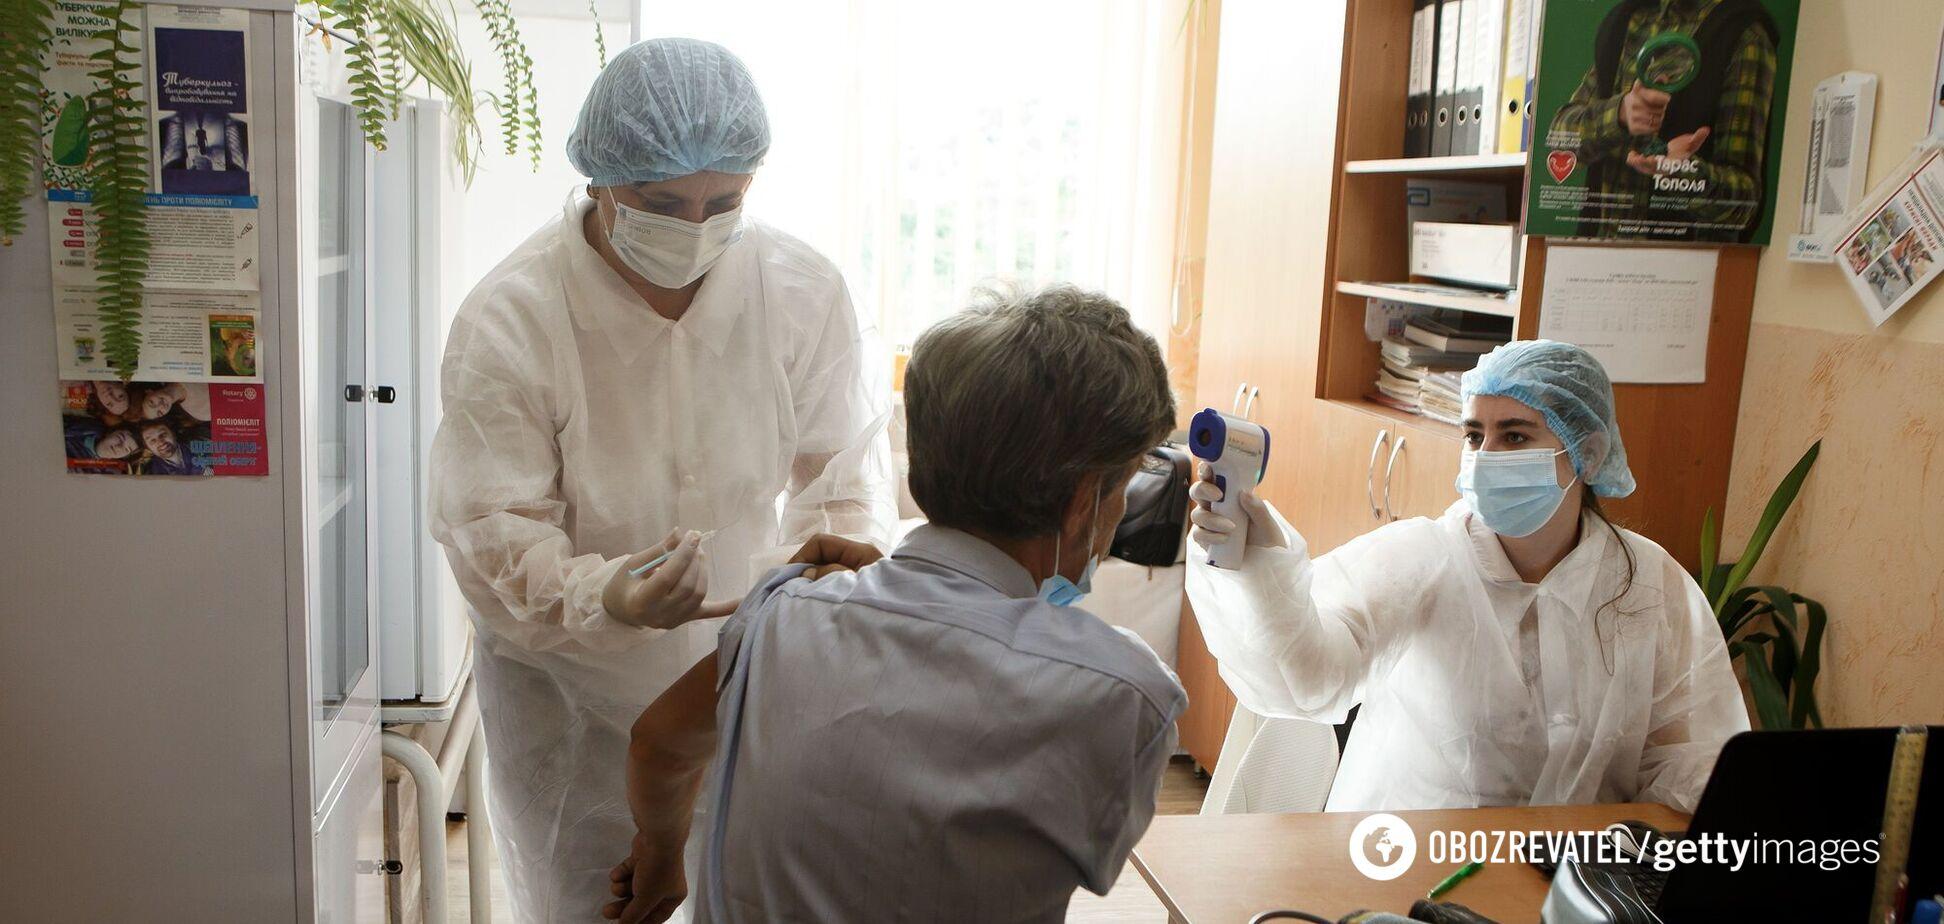 Вчені дали прогноз щодо спалаху COVID-19 в Україні та розповіли, в якій області ситуація найгірша